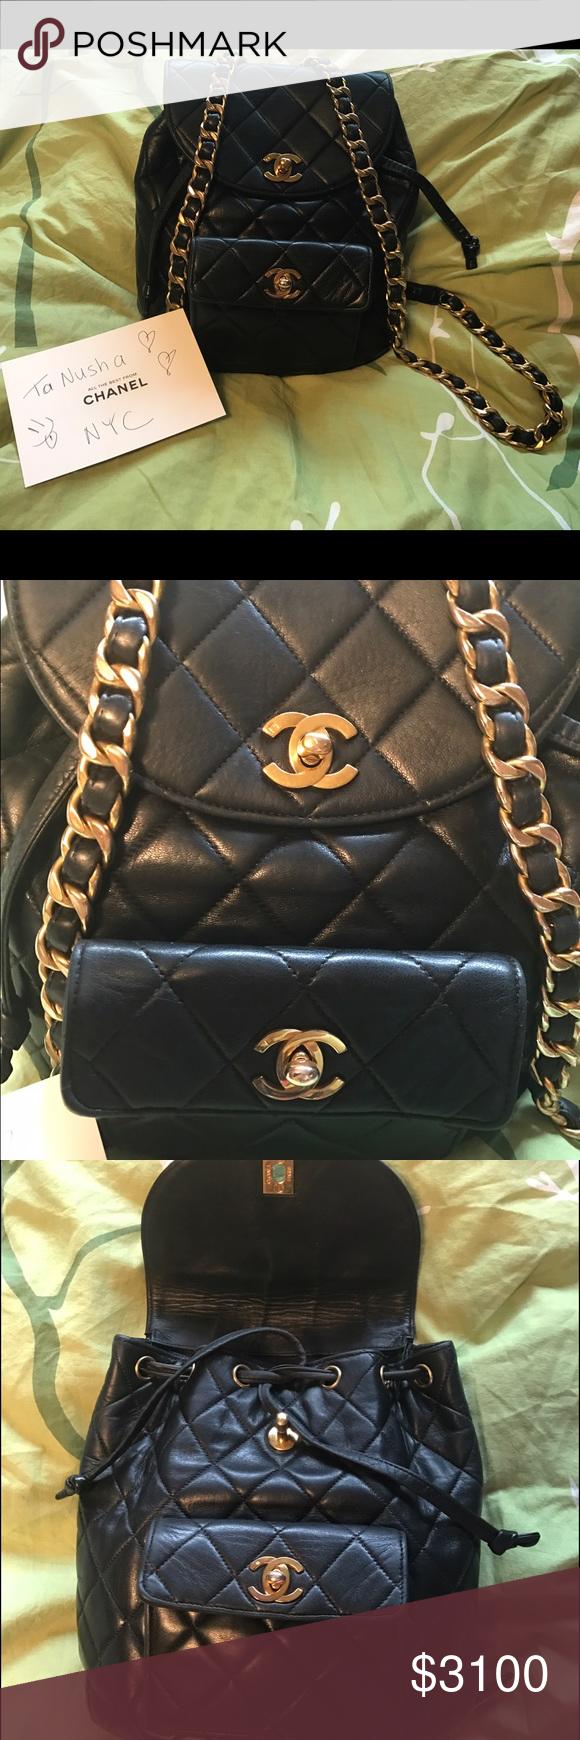 Chanel Double Pocket Vintage Backpack Vintage Backpacks Chanel Chanel Backpack